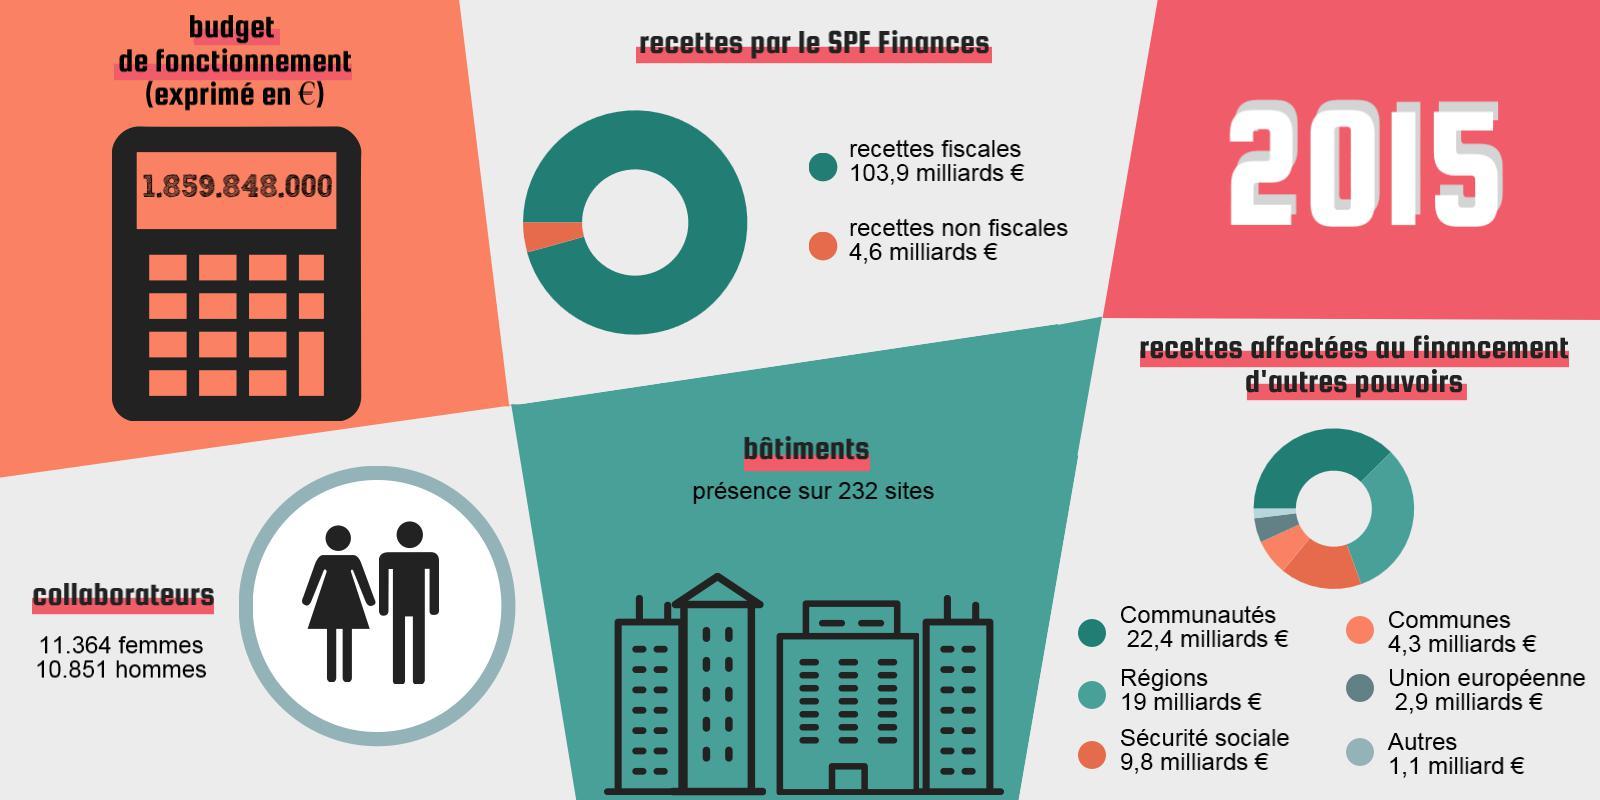 2015 | budget de fonctionnement (exprimé en €) : 1.859.848.000 | recettes fiscales : 103,9 milliards € / recettes non fiscales : 4,6 milliards € | 11.364 femmes / 10.851 hommes | Présence sur 232 sites | recettes affectées au financement d'autres pouvoirs : Communautés : 22,4 milliards € / Régions : 19 milliards € / Sécurité sociale : 9,8 milliards € / Communes : 4,3 milliards € / Union européenne : 2,9 milliards € / Autres : 1,1 milliard €